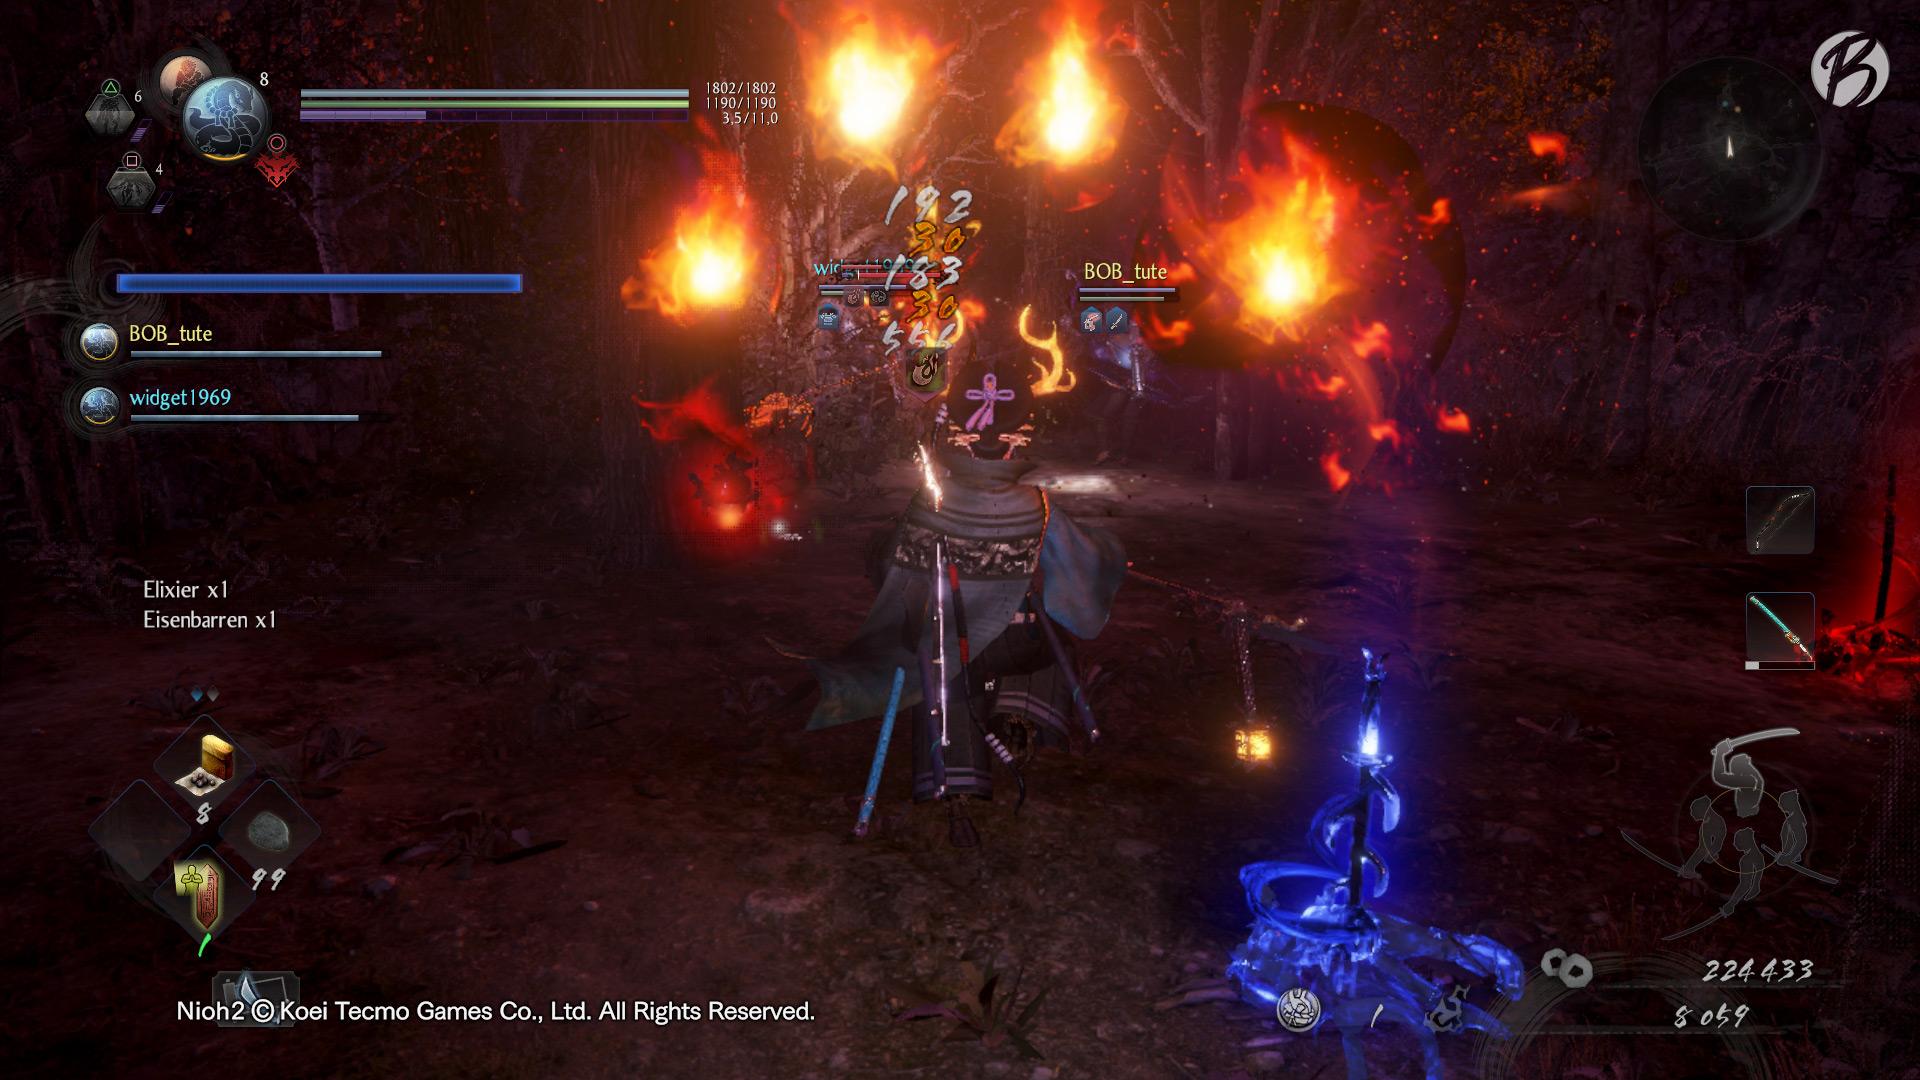 Nioh 2 - Mit den Yokai-Fertigkeiten können auch Fernkampfzauber gewirkt werden.